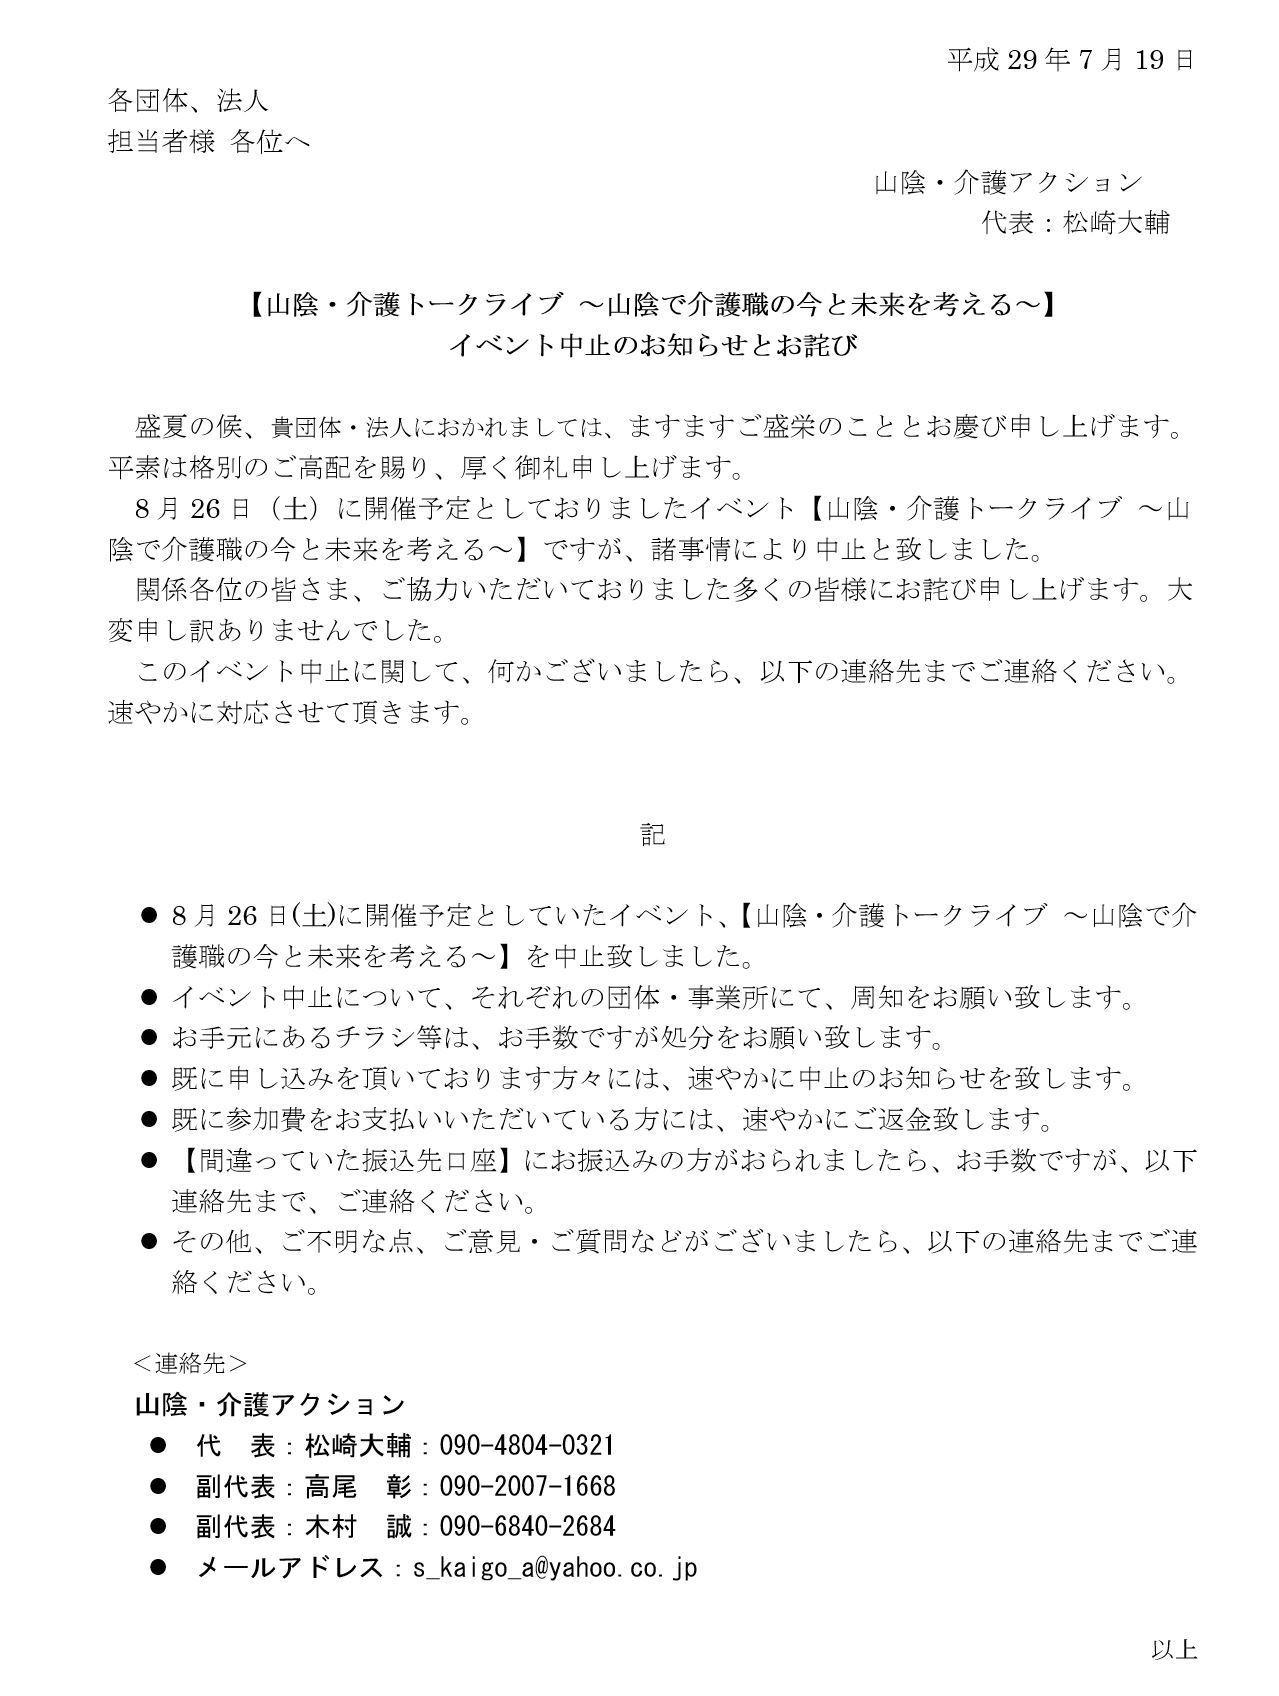 中止 お詫び イベント